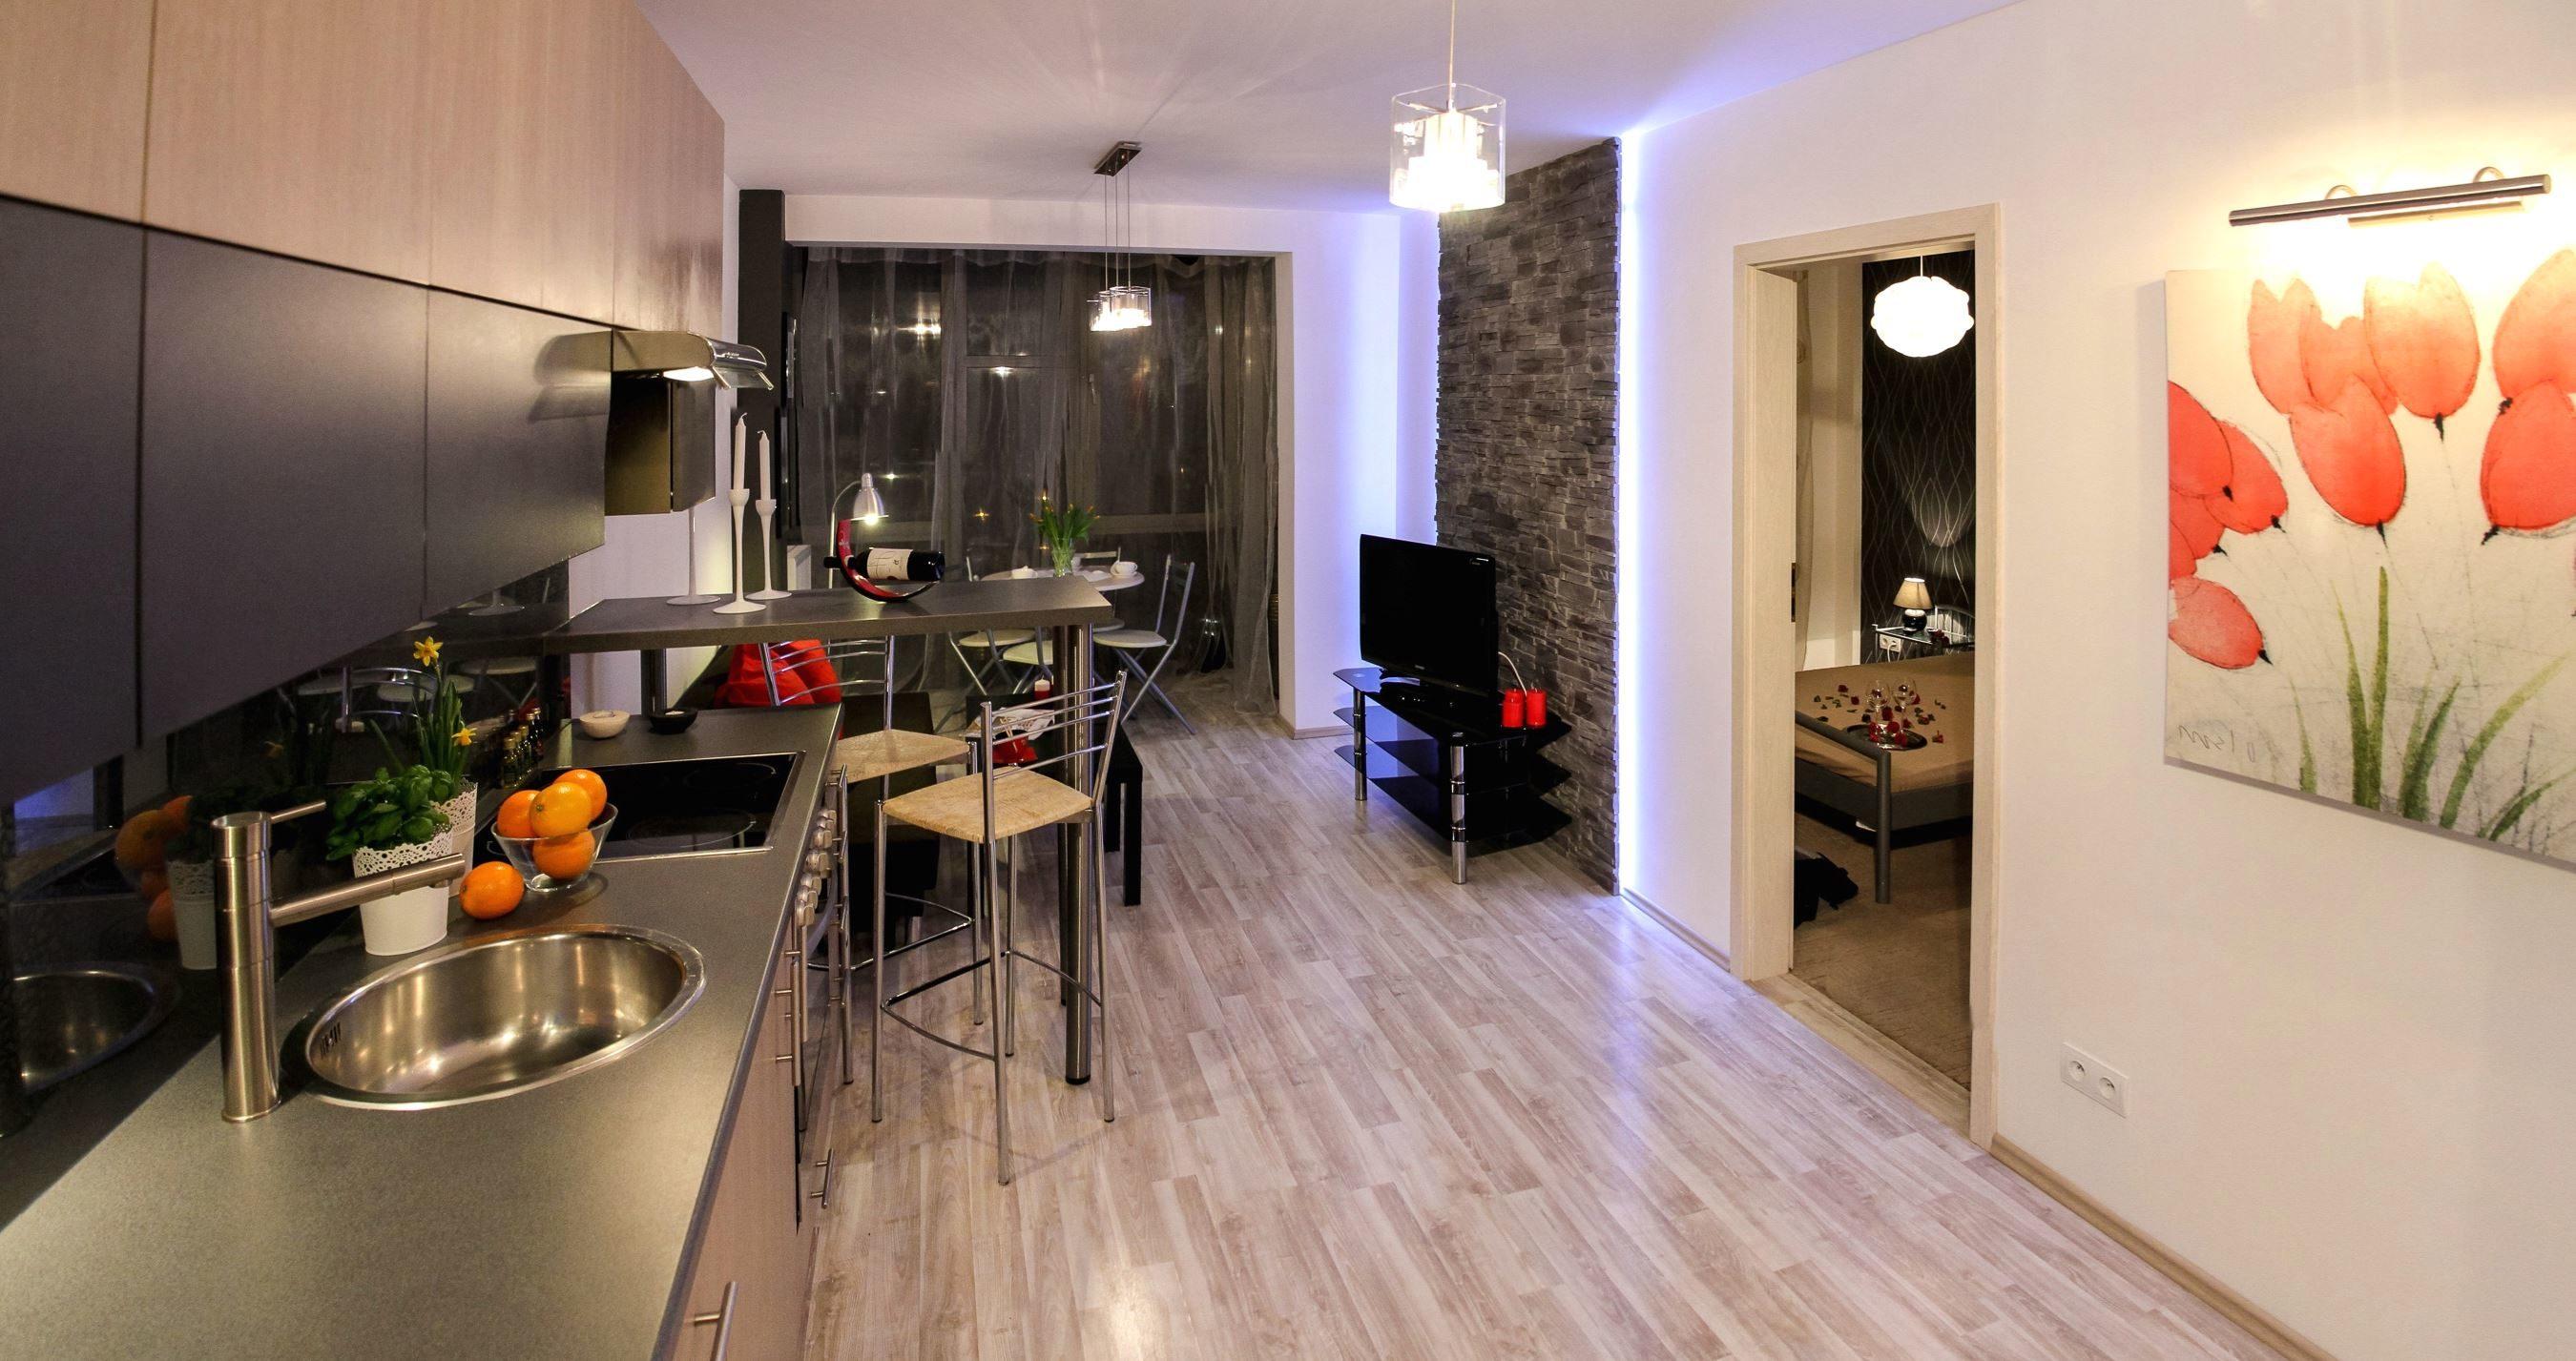 Muebles Exterior : Imagen gratis suelo interior habitación casa muebles